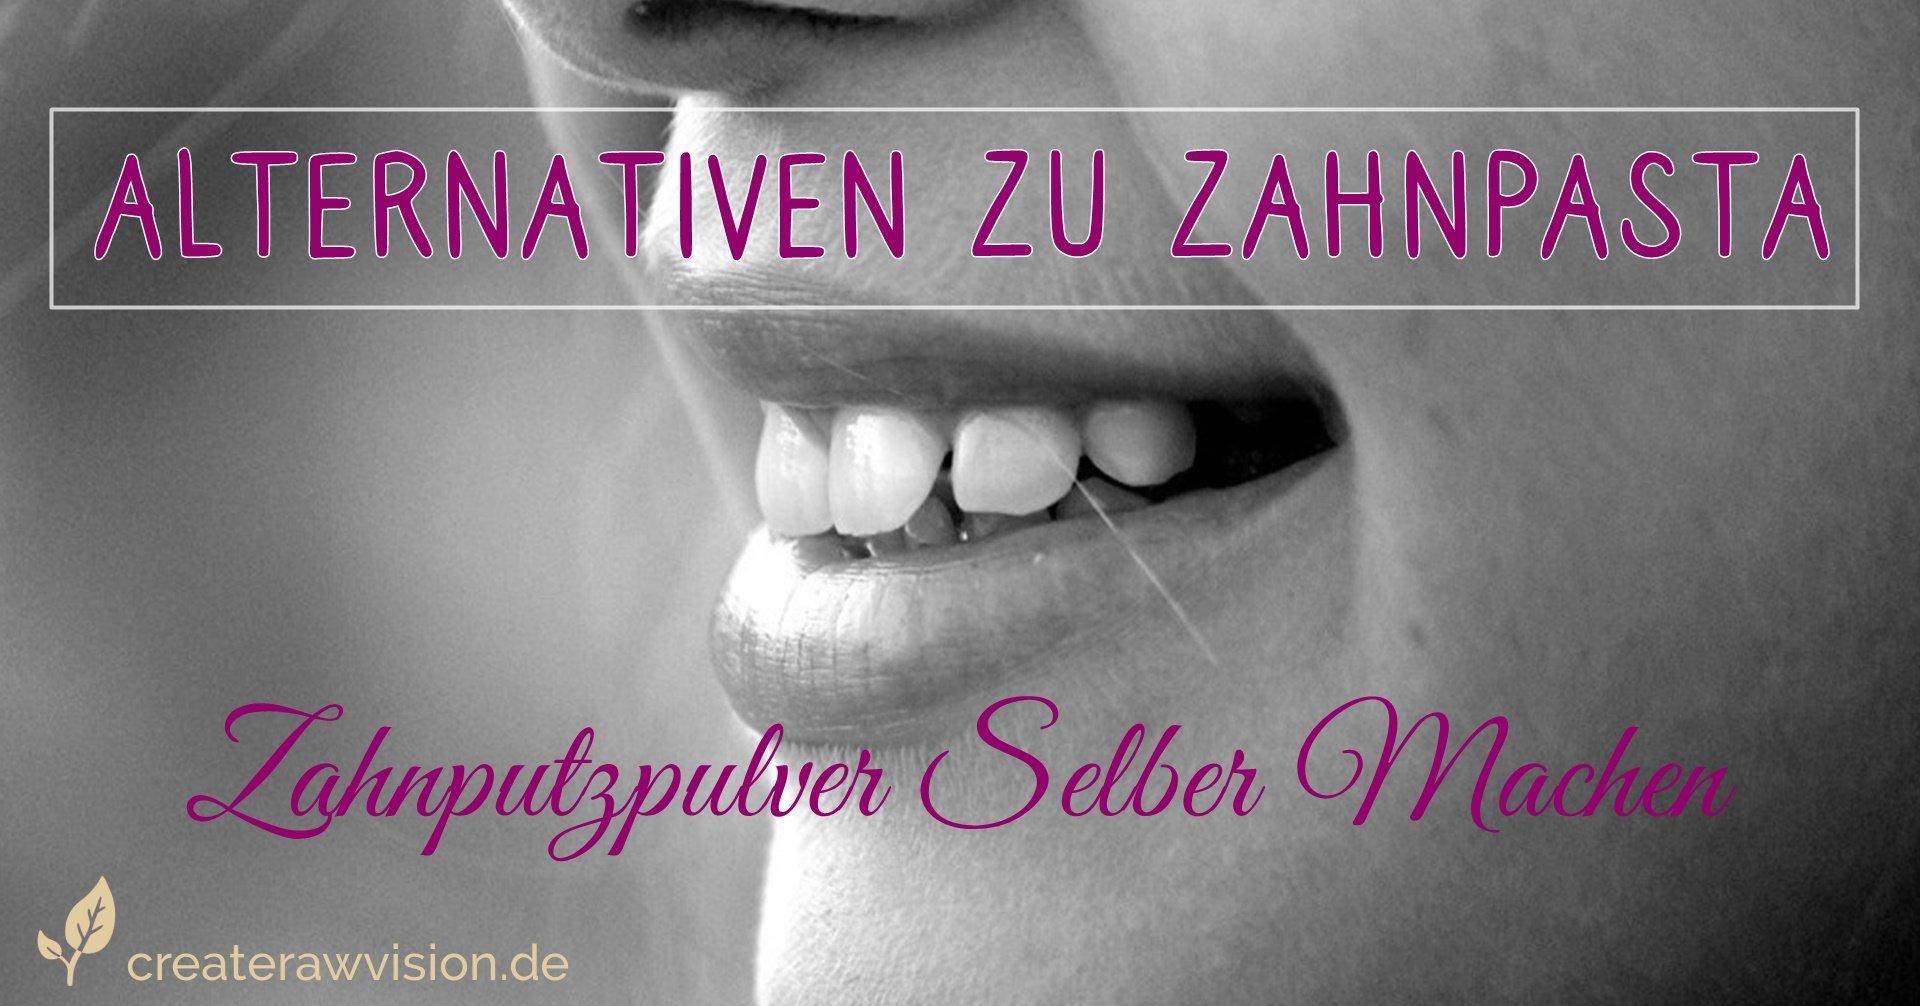 Zähne - Zahnputzpulver selber machen